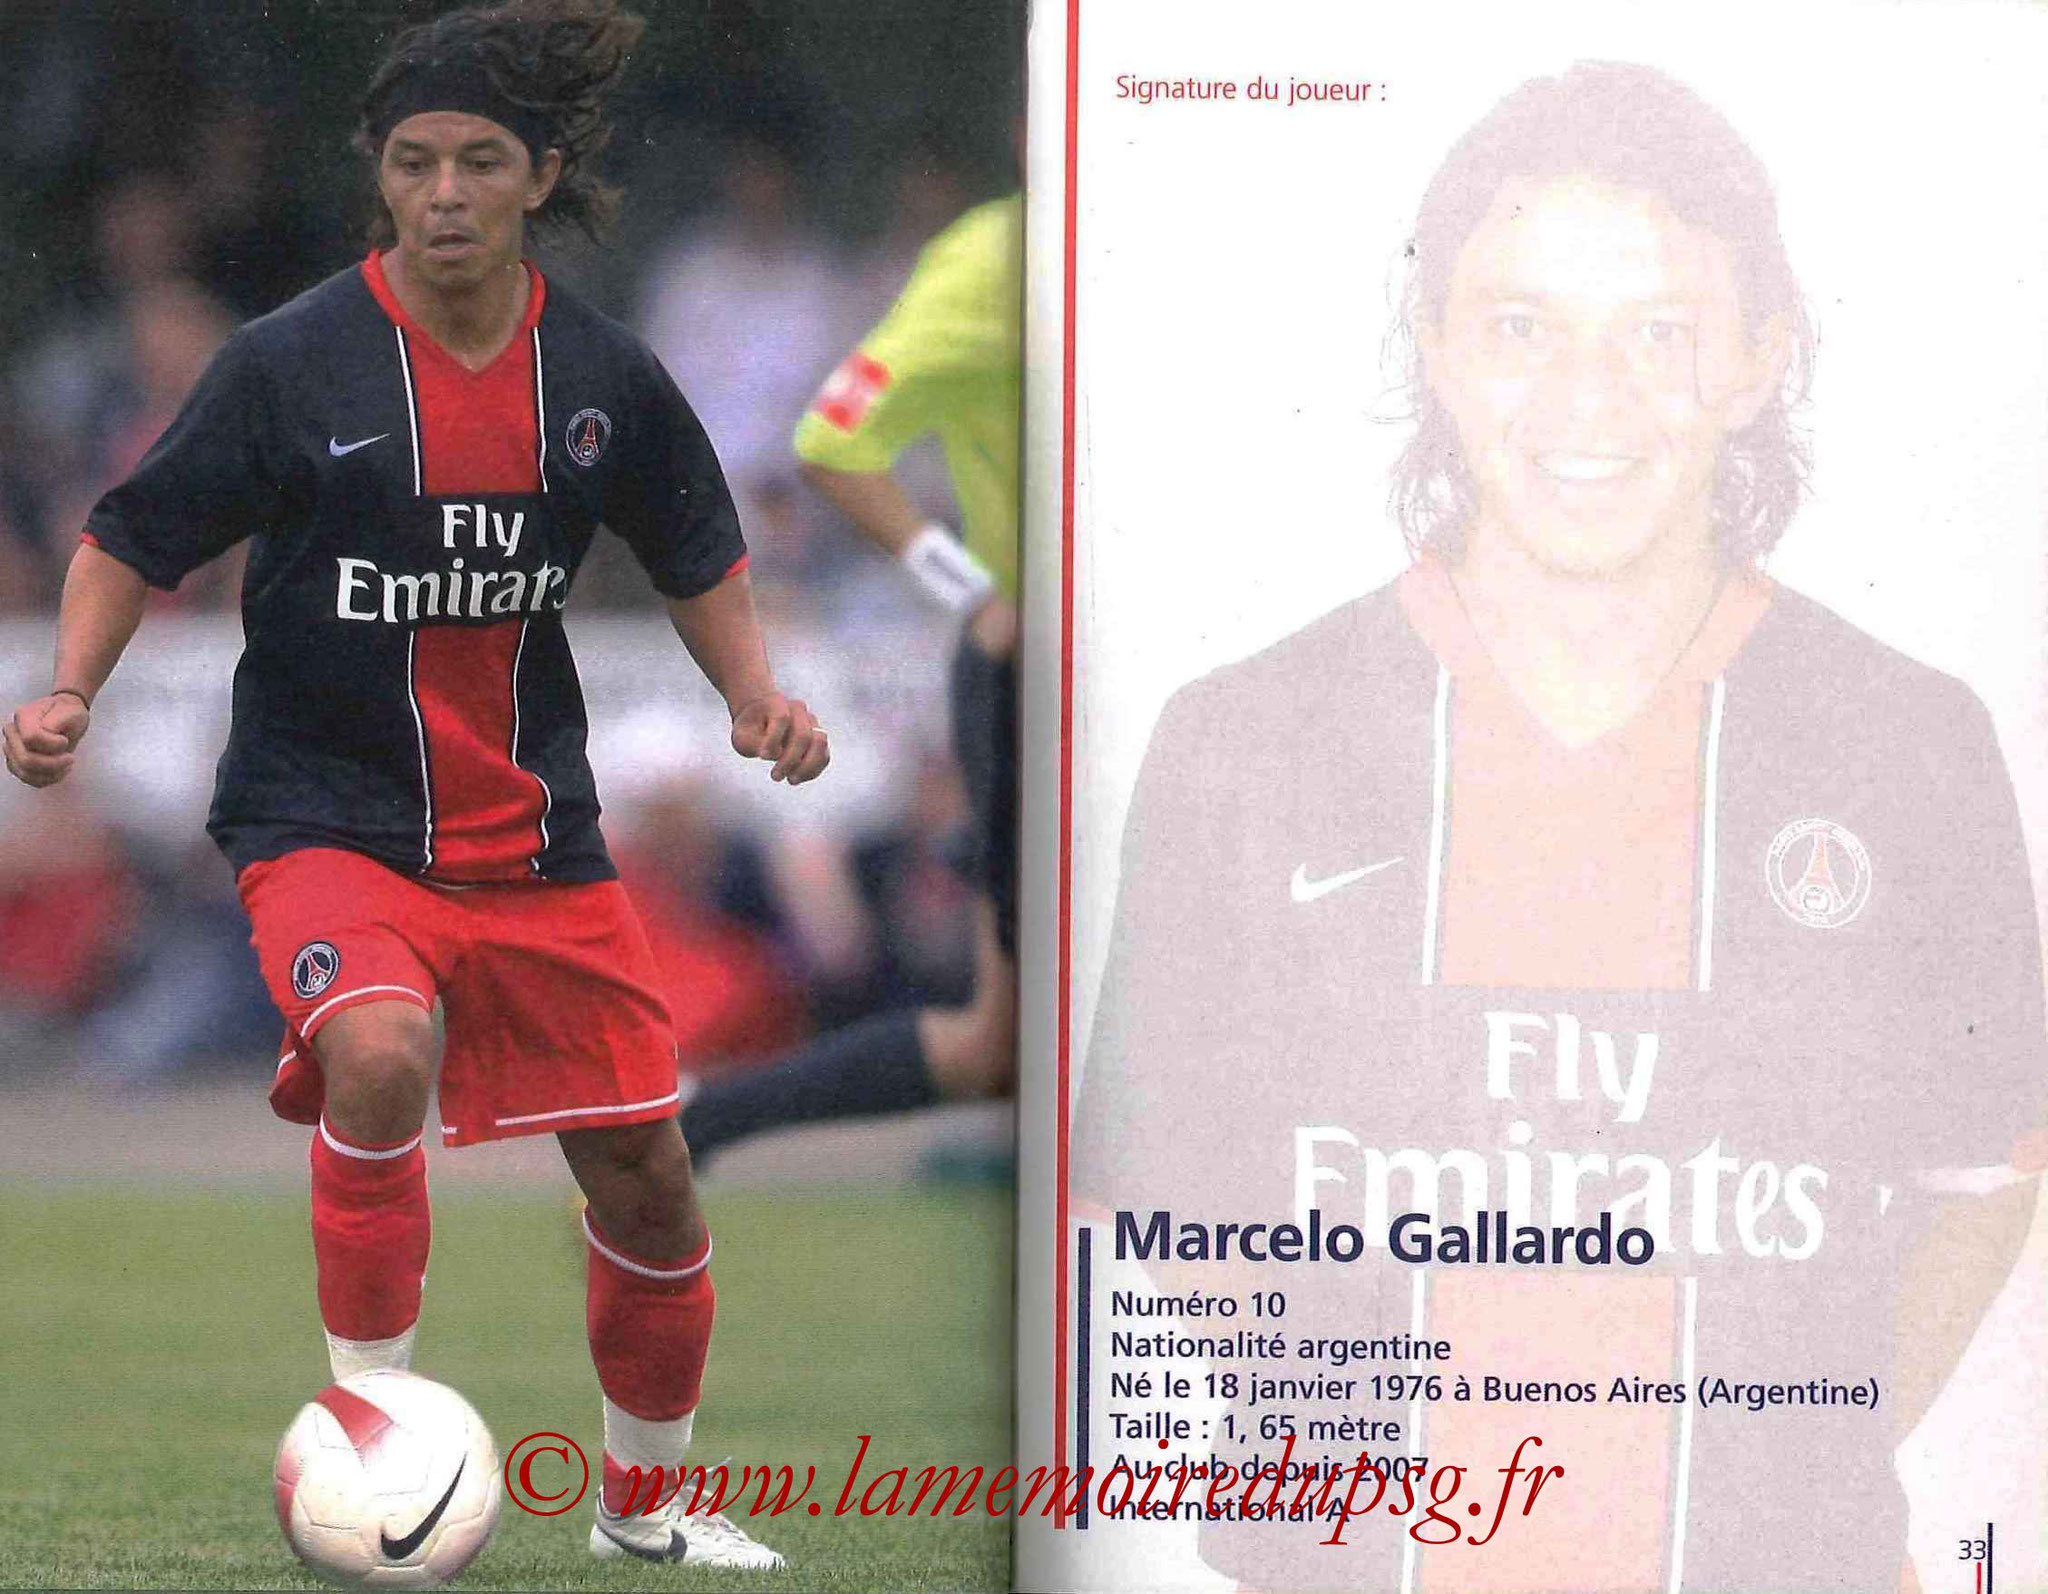 2007-08 - Guide de la Saison PSG - Pages 32 et 33 - Marcelo GALLARDO